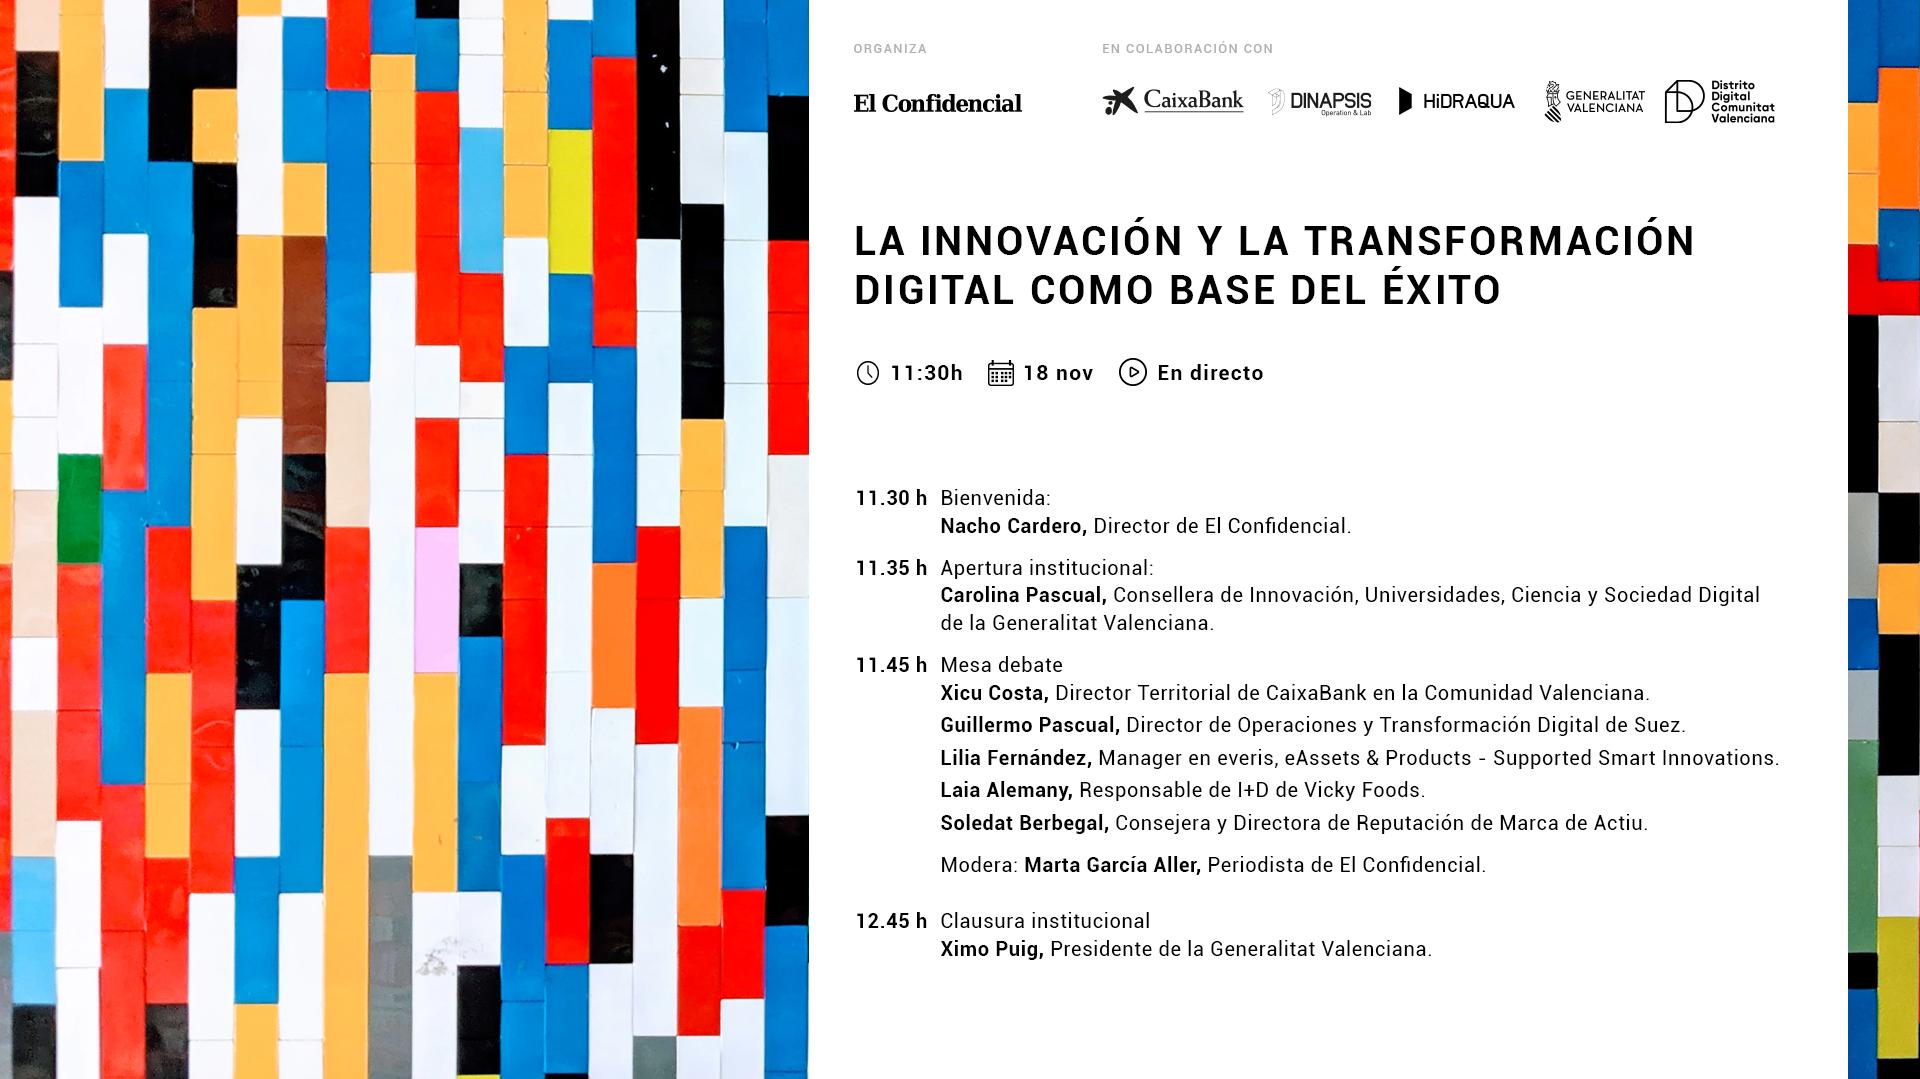 innovacion-transformacion-digital-base-exito